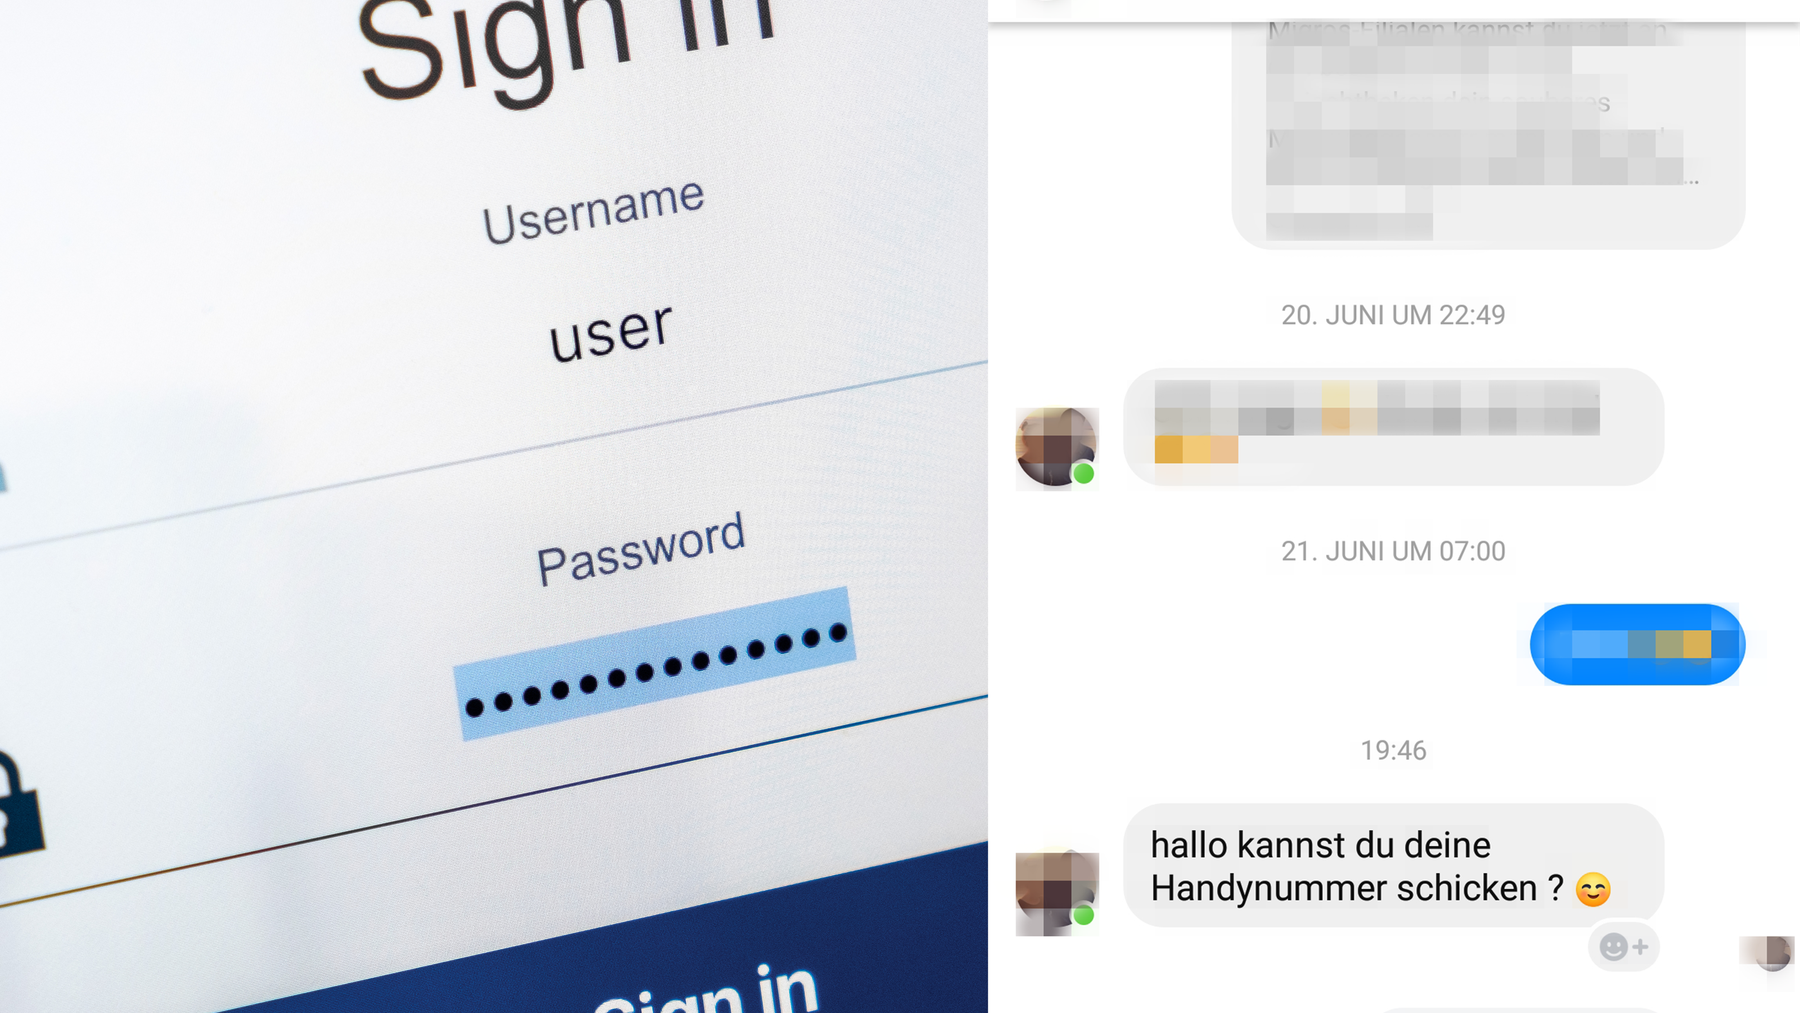 Mit gehackten Profilen versuchen Unbekannte, an die Handynummern von Bekannten des Gehackten zu kommen.